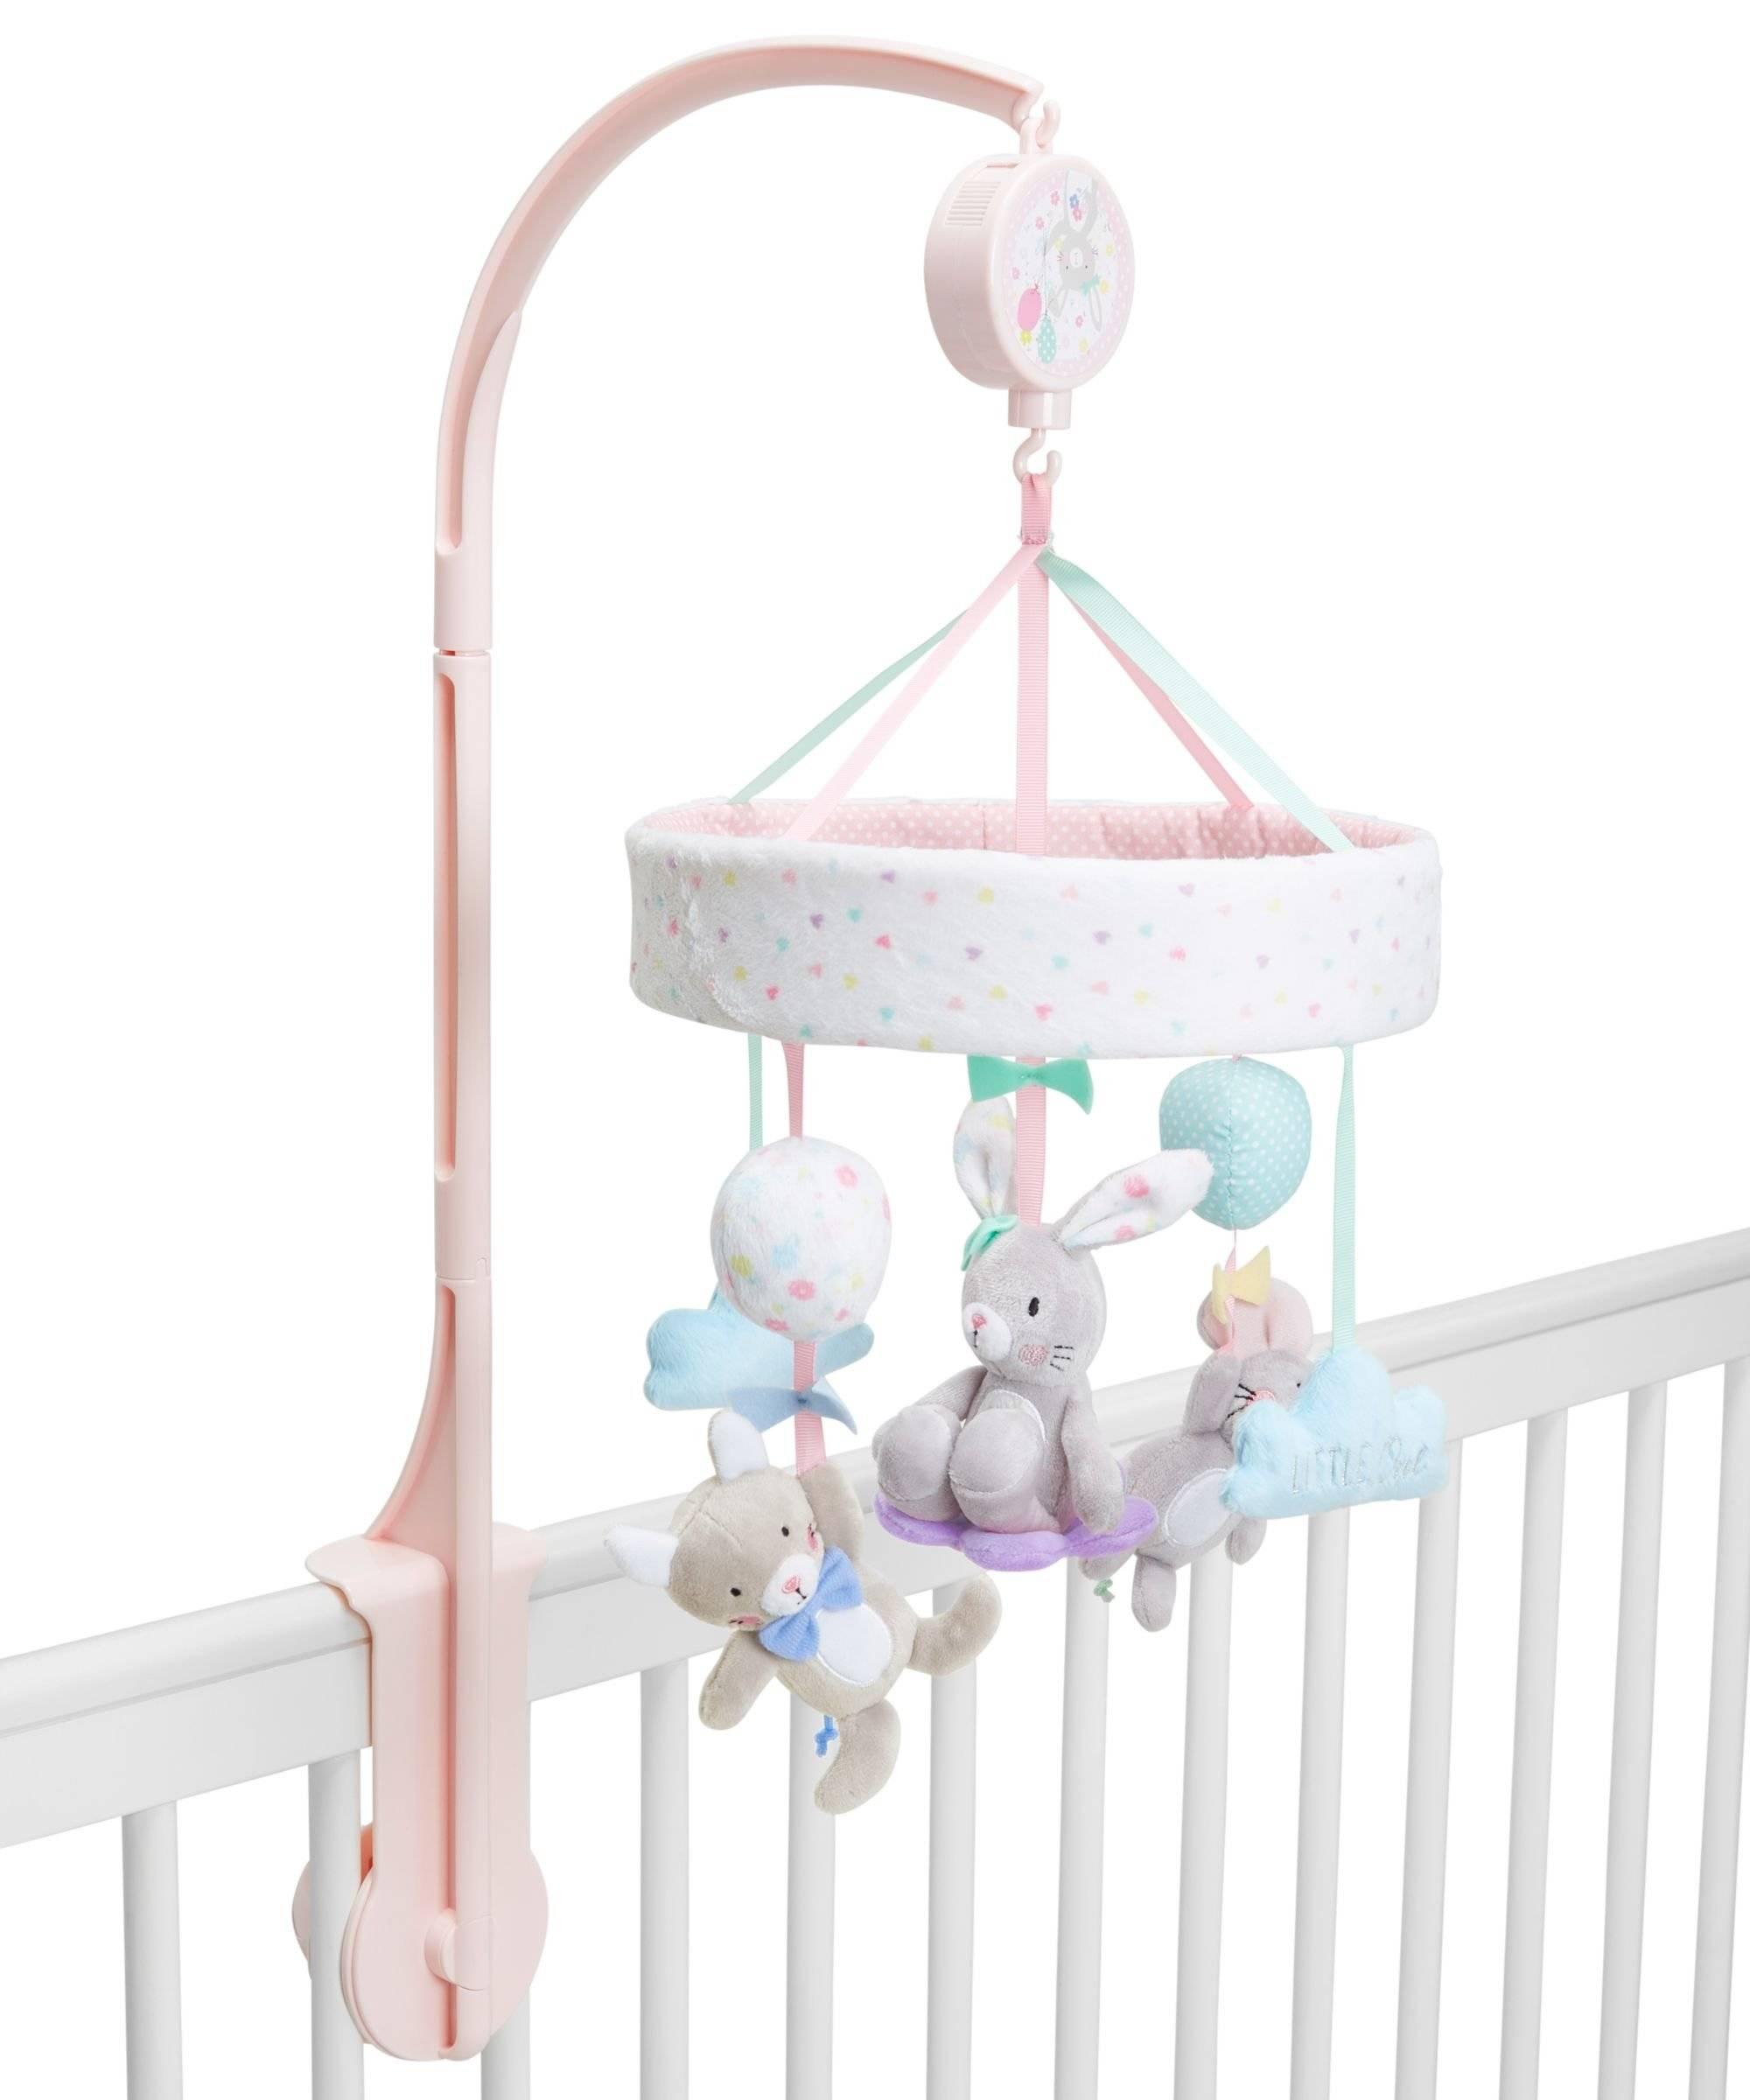 Как выбрать мобиль для новорождённого